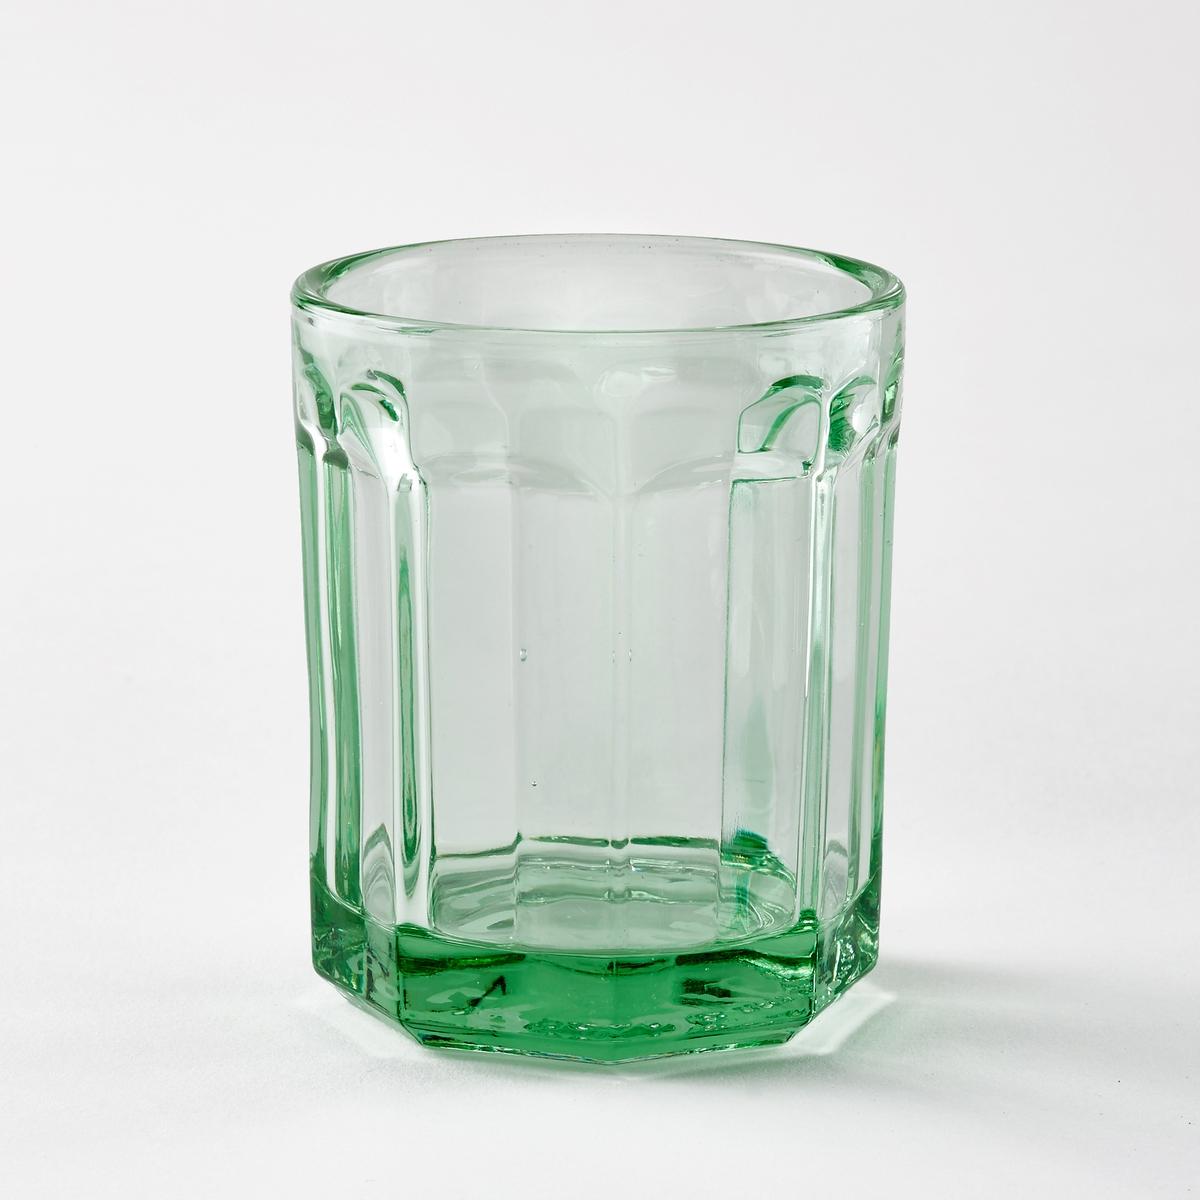 Комплект из 2 бокалов Fish &amp; Fish, дизайн Паолы Навон для Serax2 бокала Fish &amp; Fish, дизайн Паолы Навон для Serax. Эстетичный и функциональный бокал добавит элегантности и оригинальности Вашему столу. Размеры  : диаметр 7,5 x высота 9 см. Объем 220 мл. Из прессованного стекла, подходит для мытья в посудомоечной машине. Полная коллекция на сайте ampm.ru.<br><br>Цвет: темно-зеленый<br>Размер: единый размер